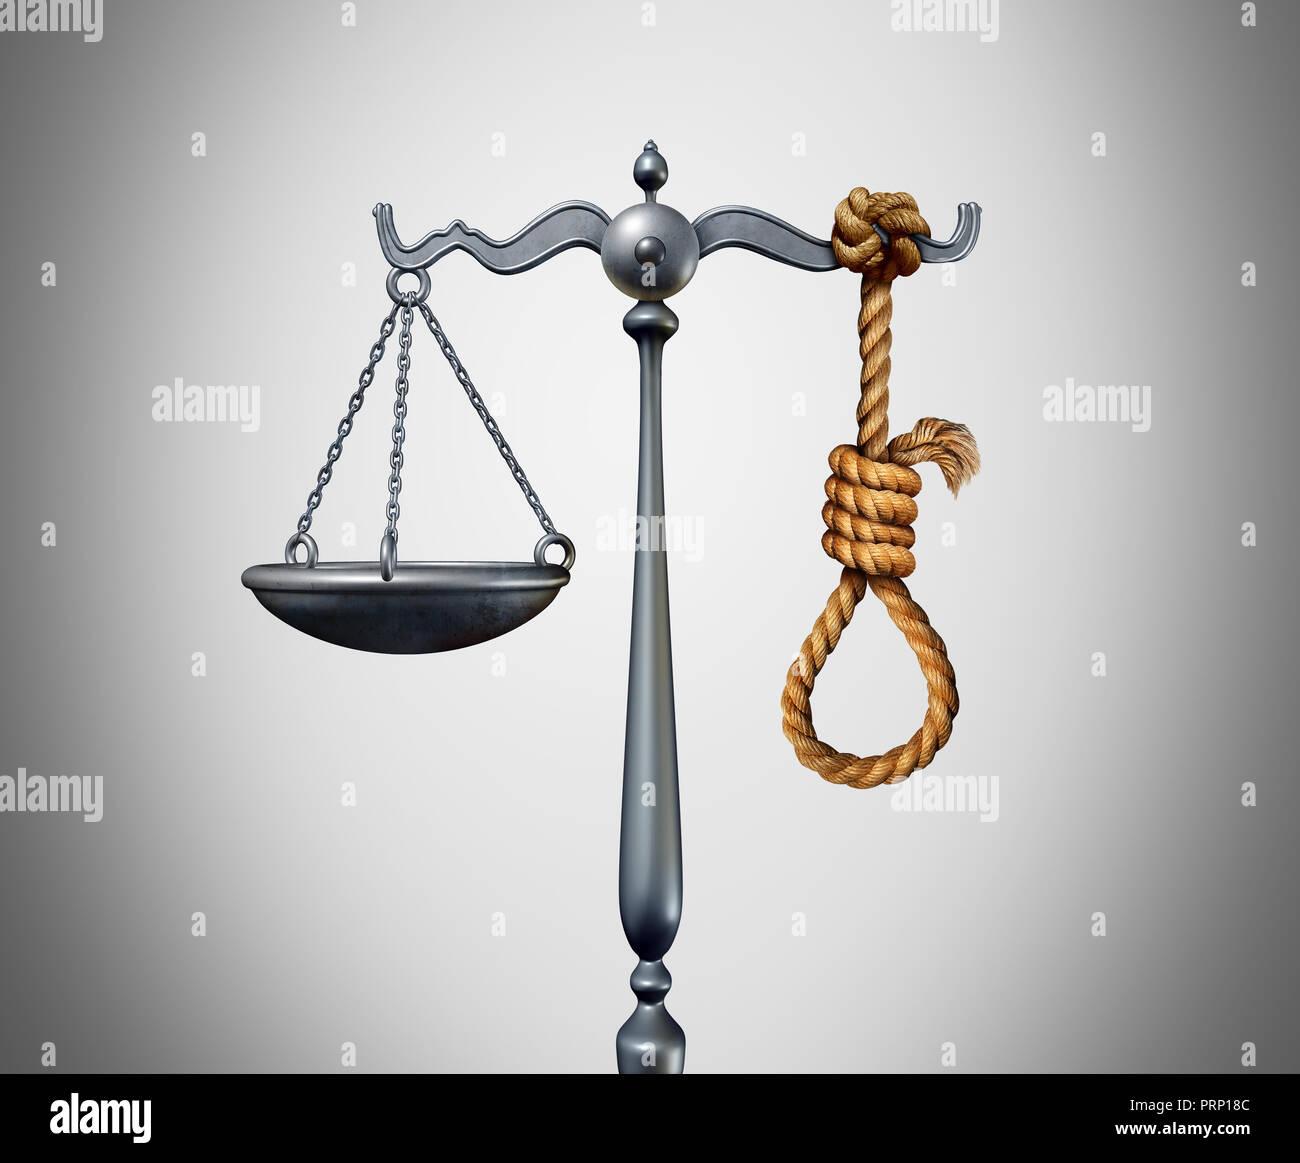 La peine capitale et la peine de mort comme un criminel tué par le gouvernement pour le crime de meurtre avec 3D illustration éléments. Photo Stock